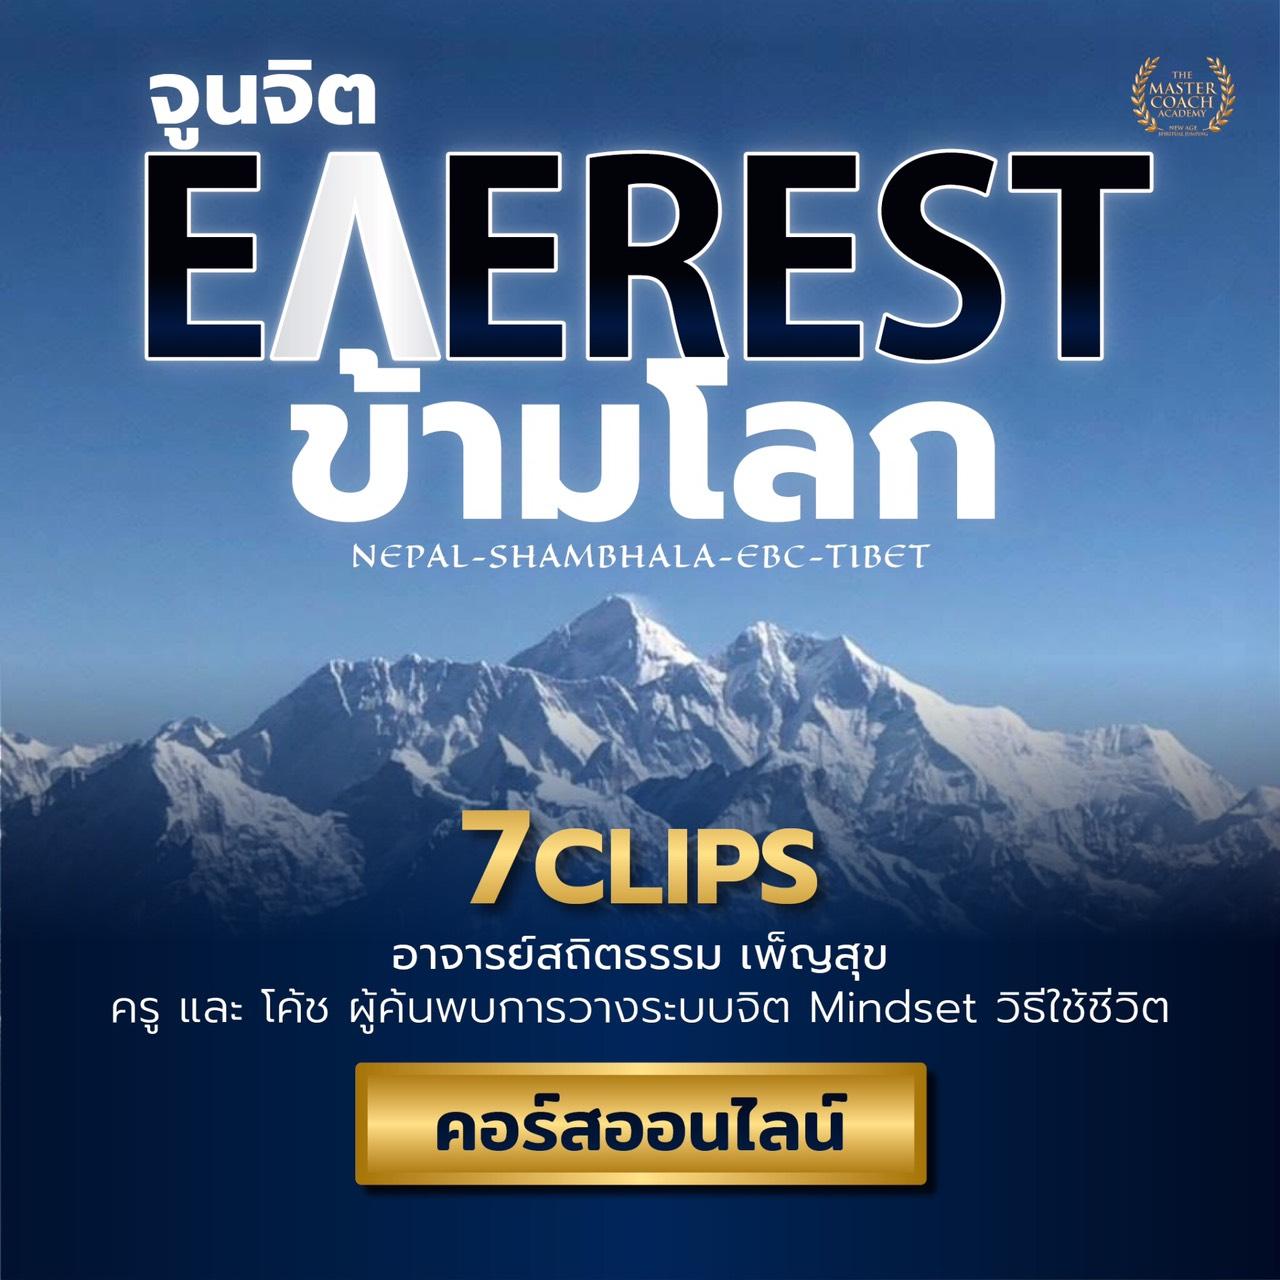 จูนจิต Everest ข้ามโลก